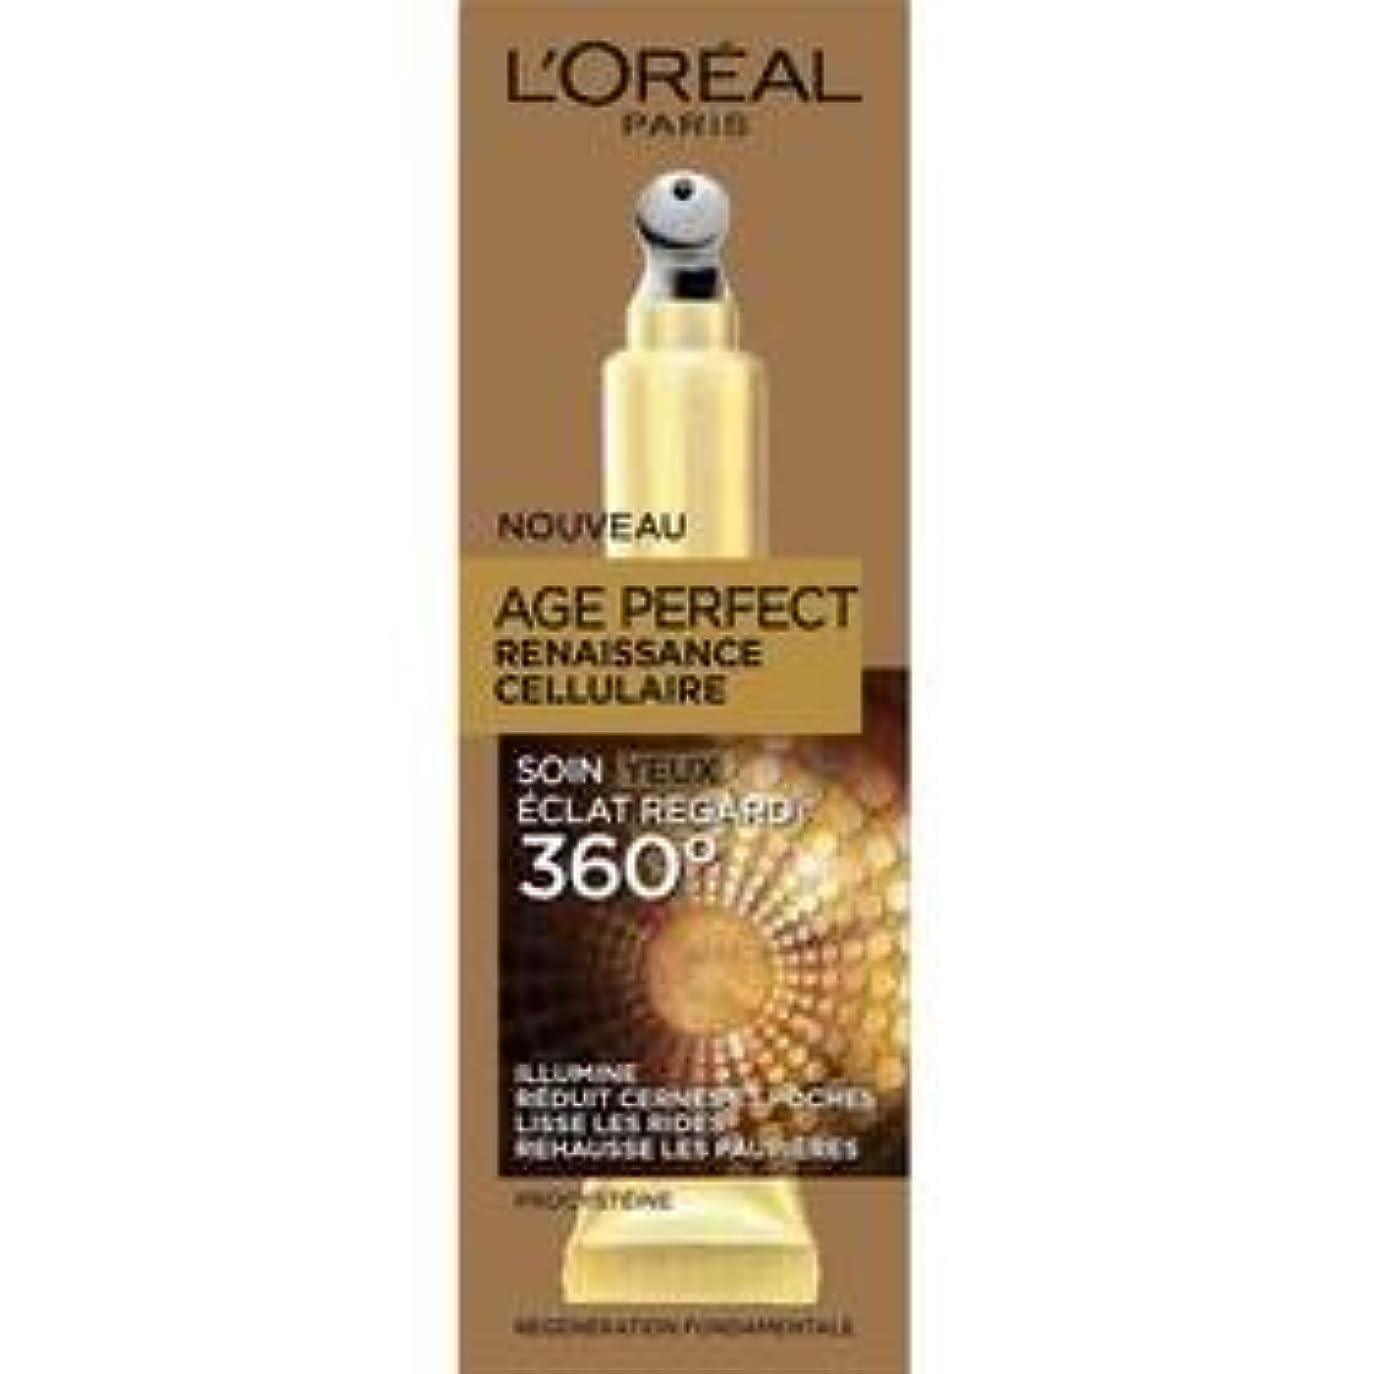 マット官僚発明L'oreal age perfect soin yeux renaissance cellulaire 360° 15ml- (for multi-item order extra postage cost will...